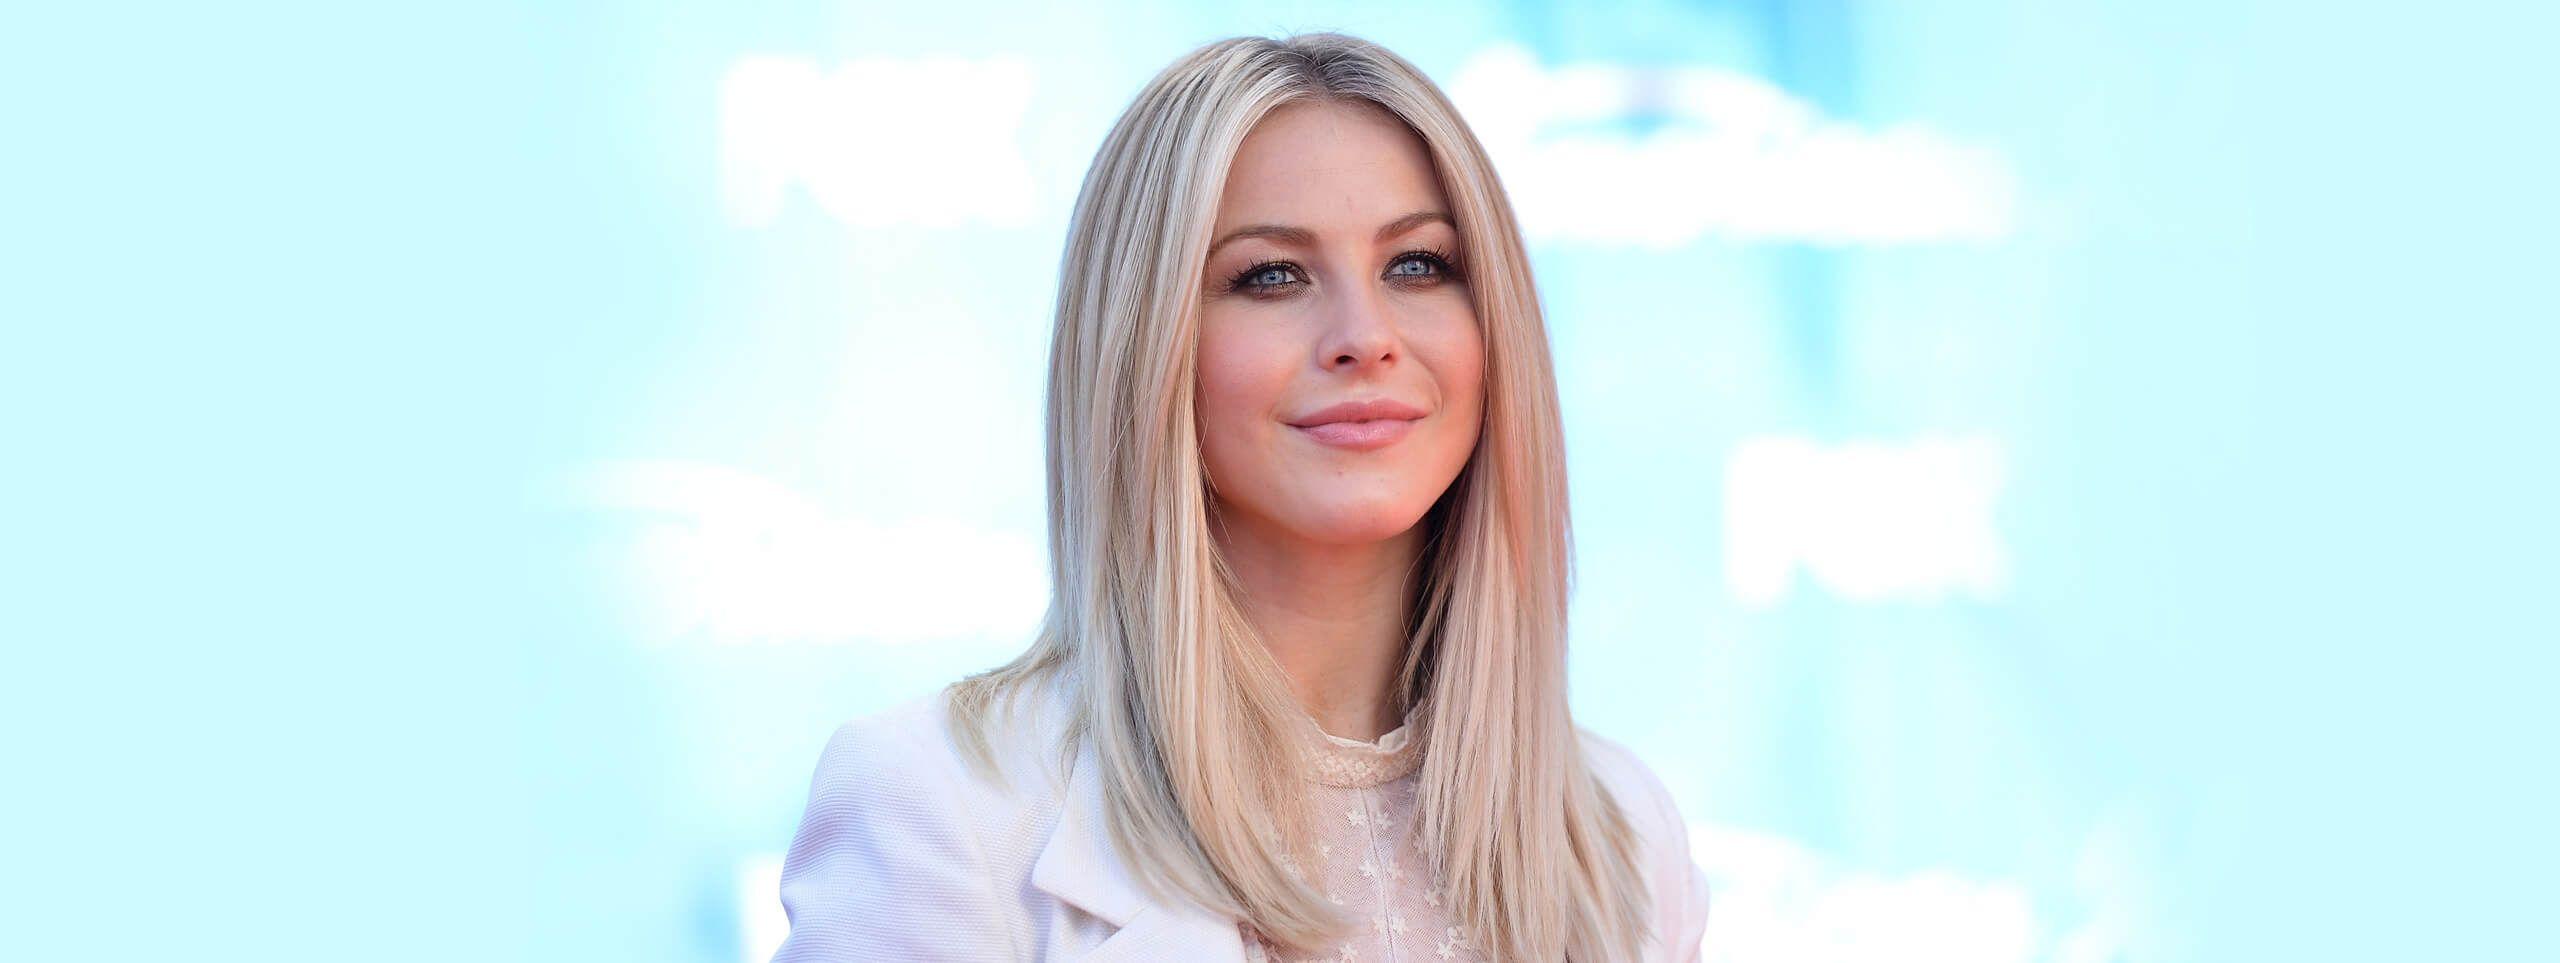 Kobieta z gładkimi długimi włosami w odcieniu platynowegto blondu